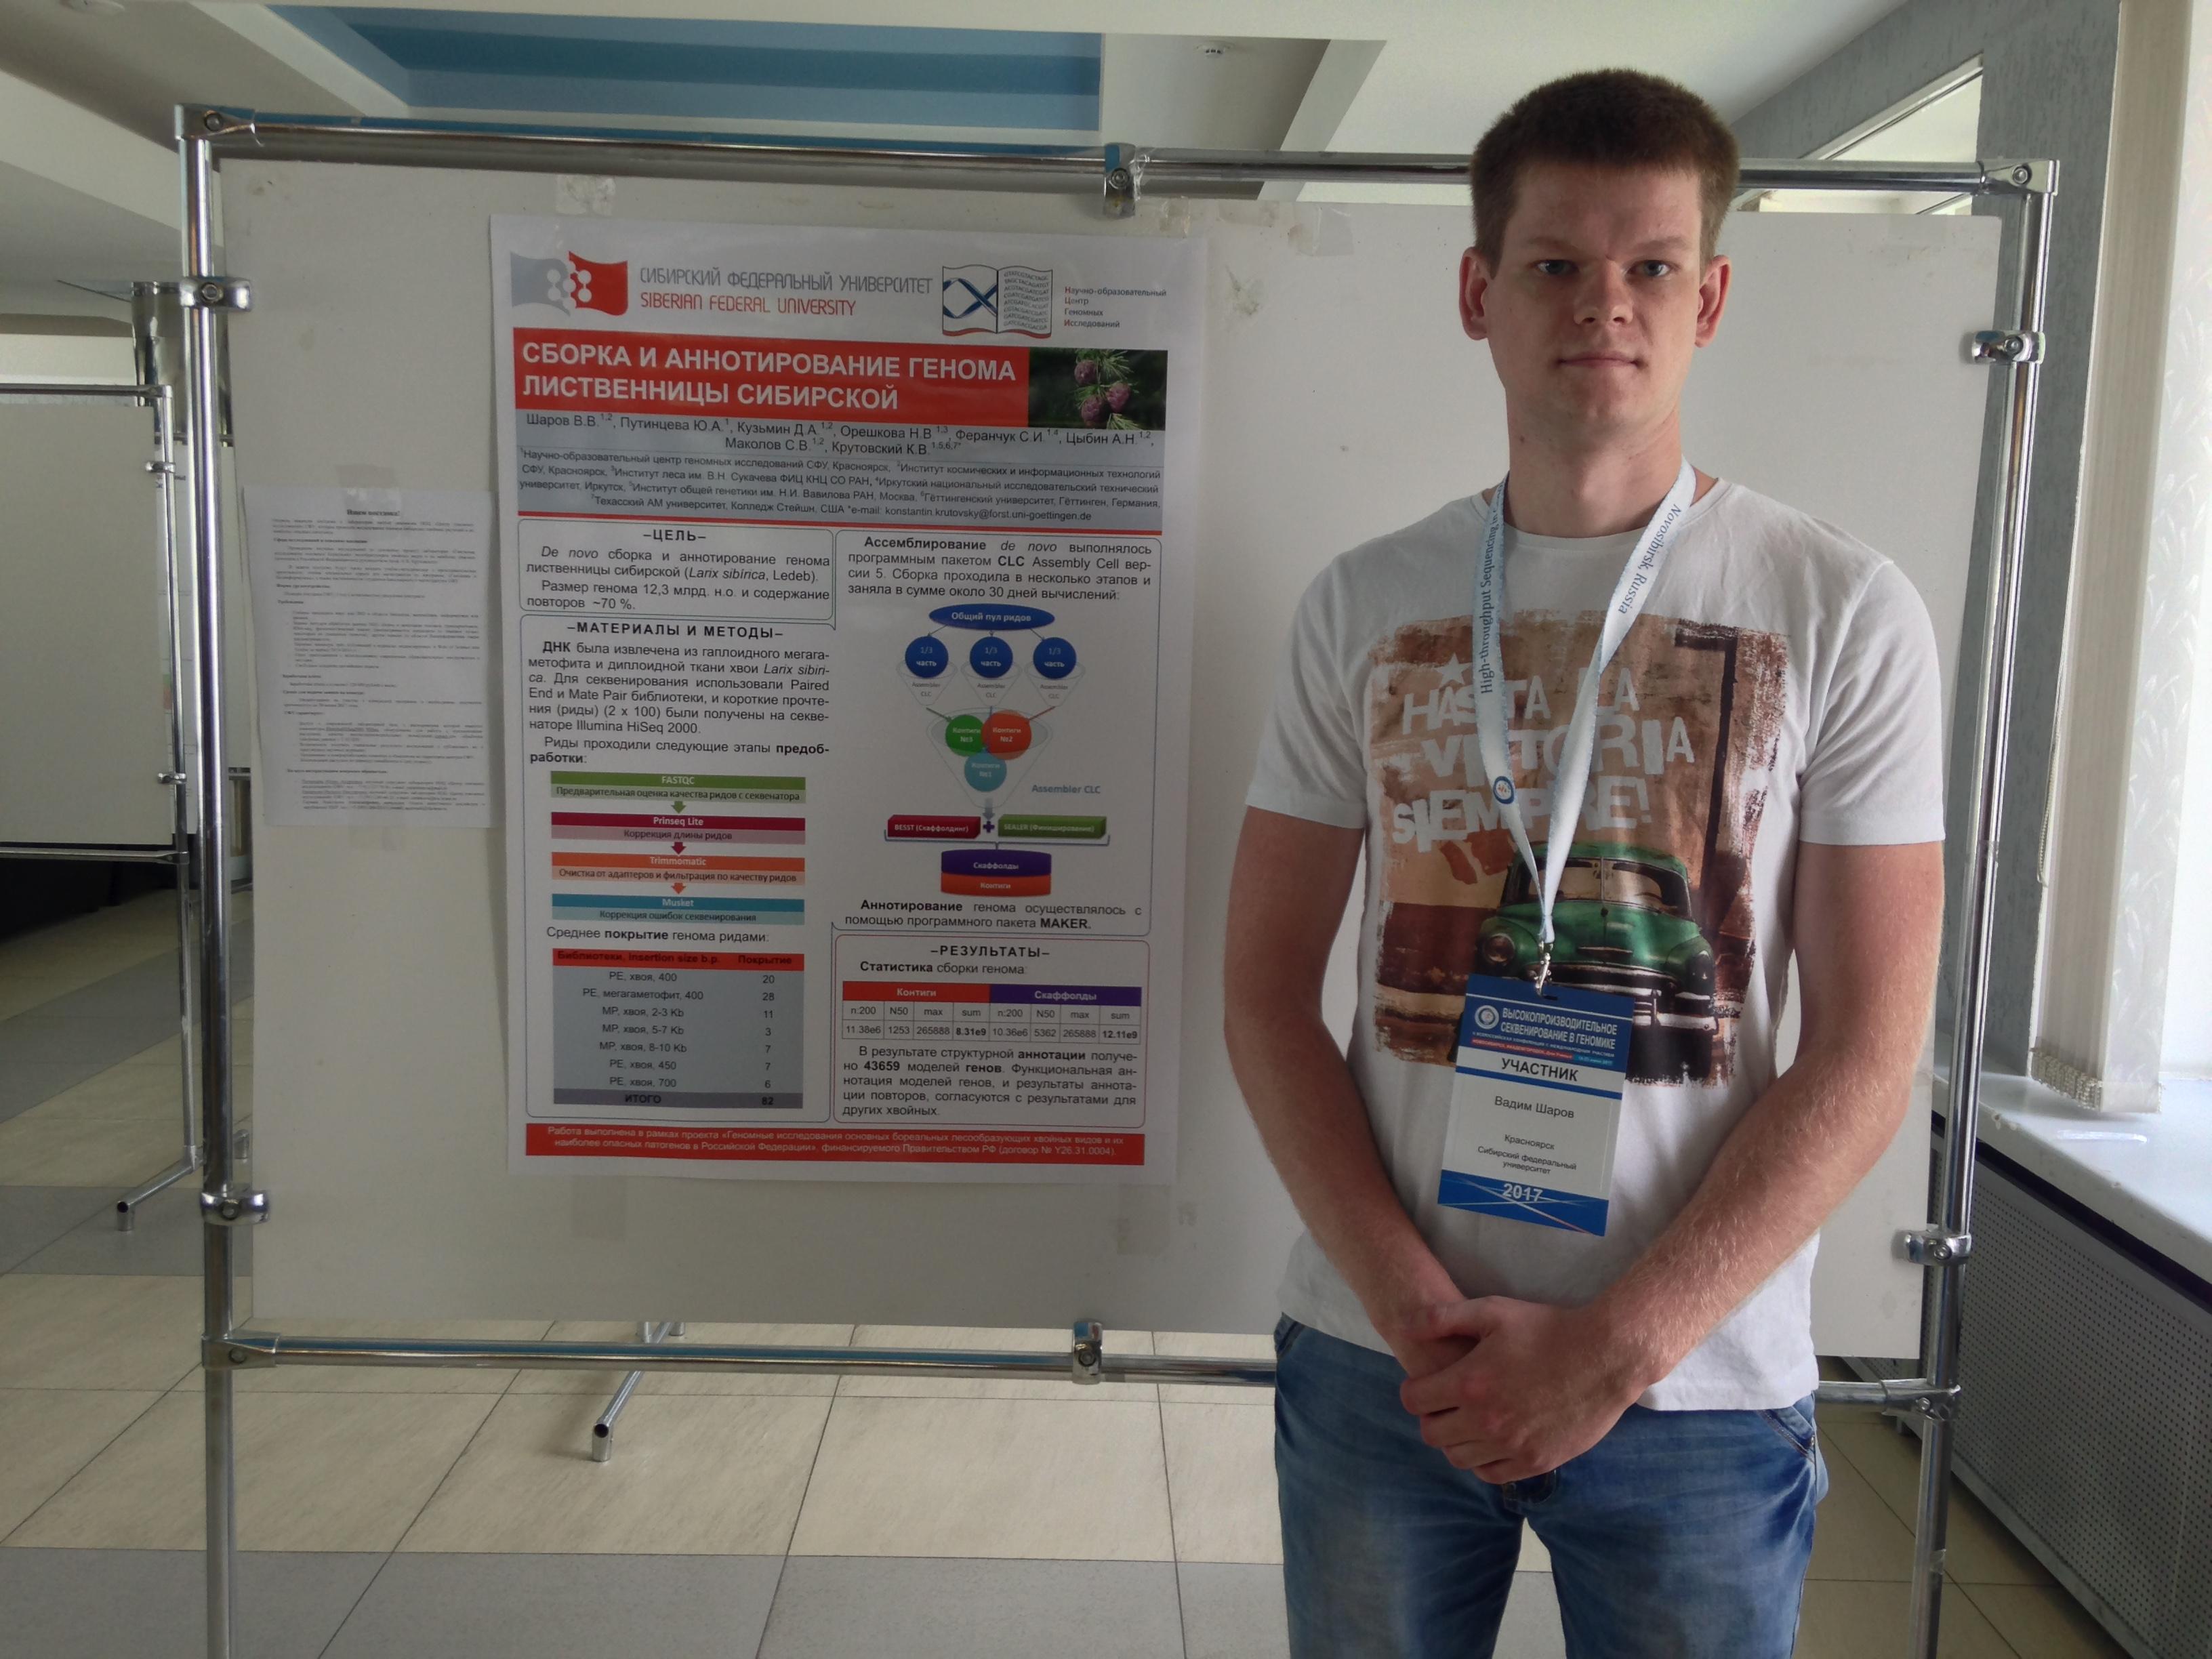 Сотрудник лаборатории лесной геномики с постерным докладом